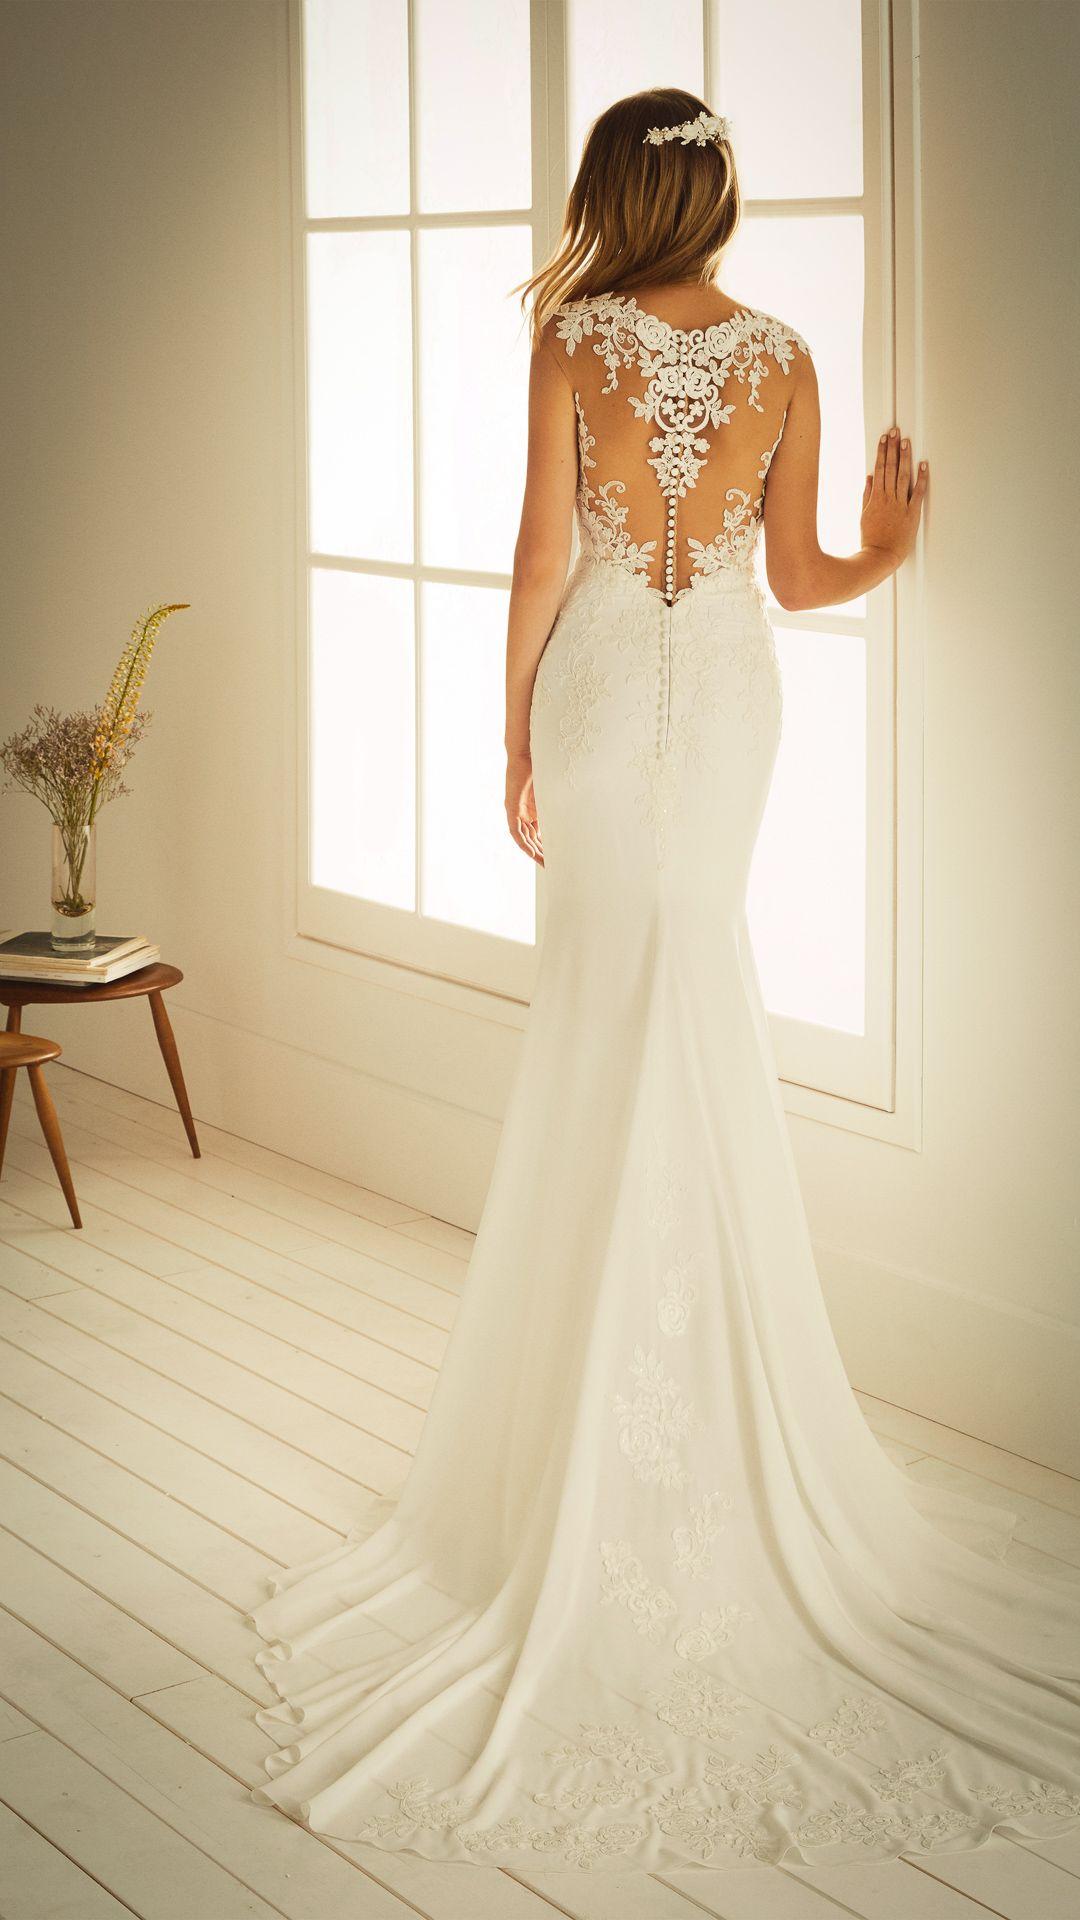 Hochzeitskleider 20 White One Kollektion Modell: OCALA-C